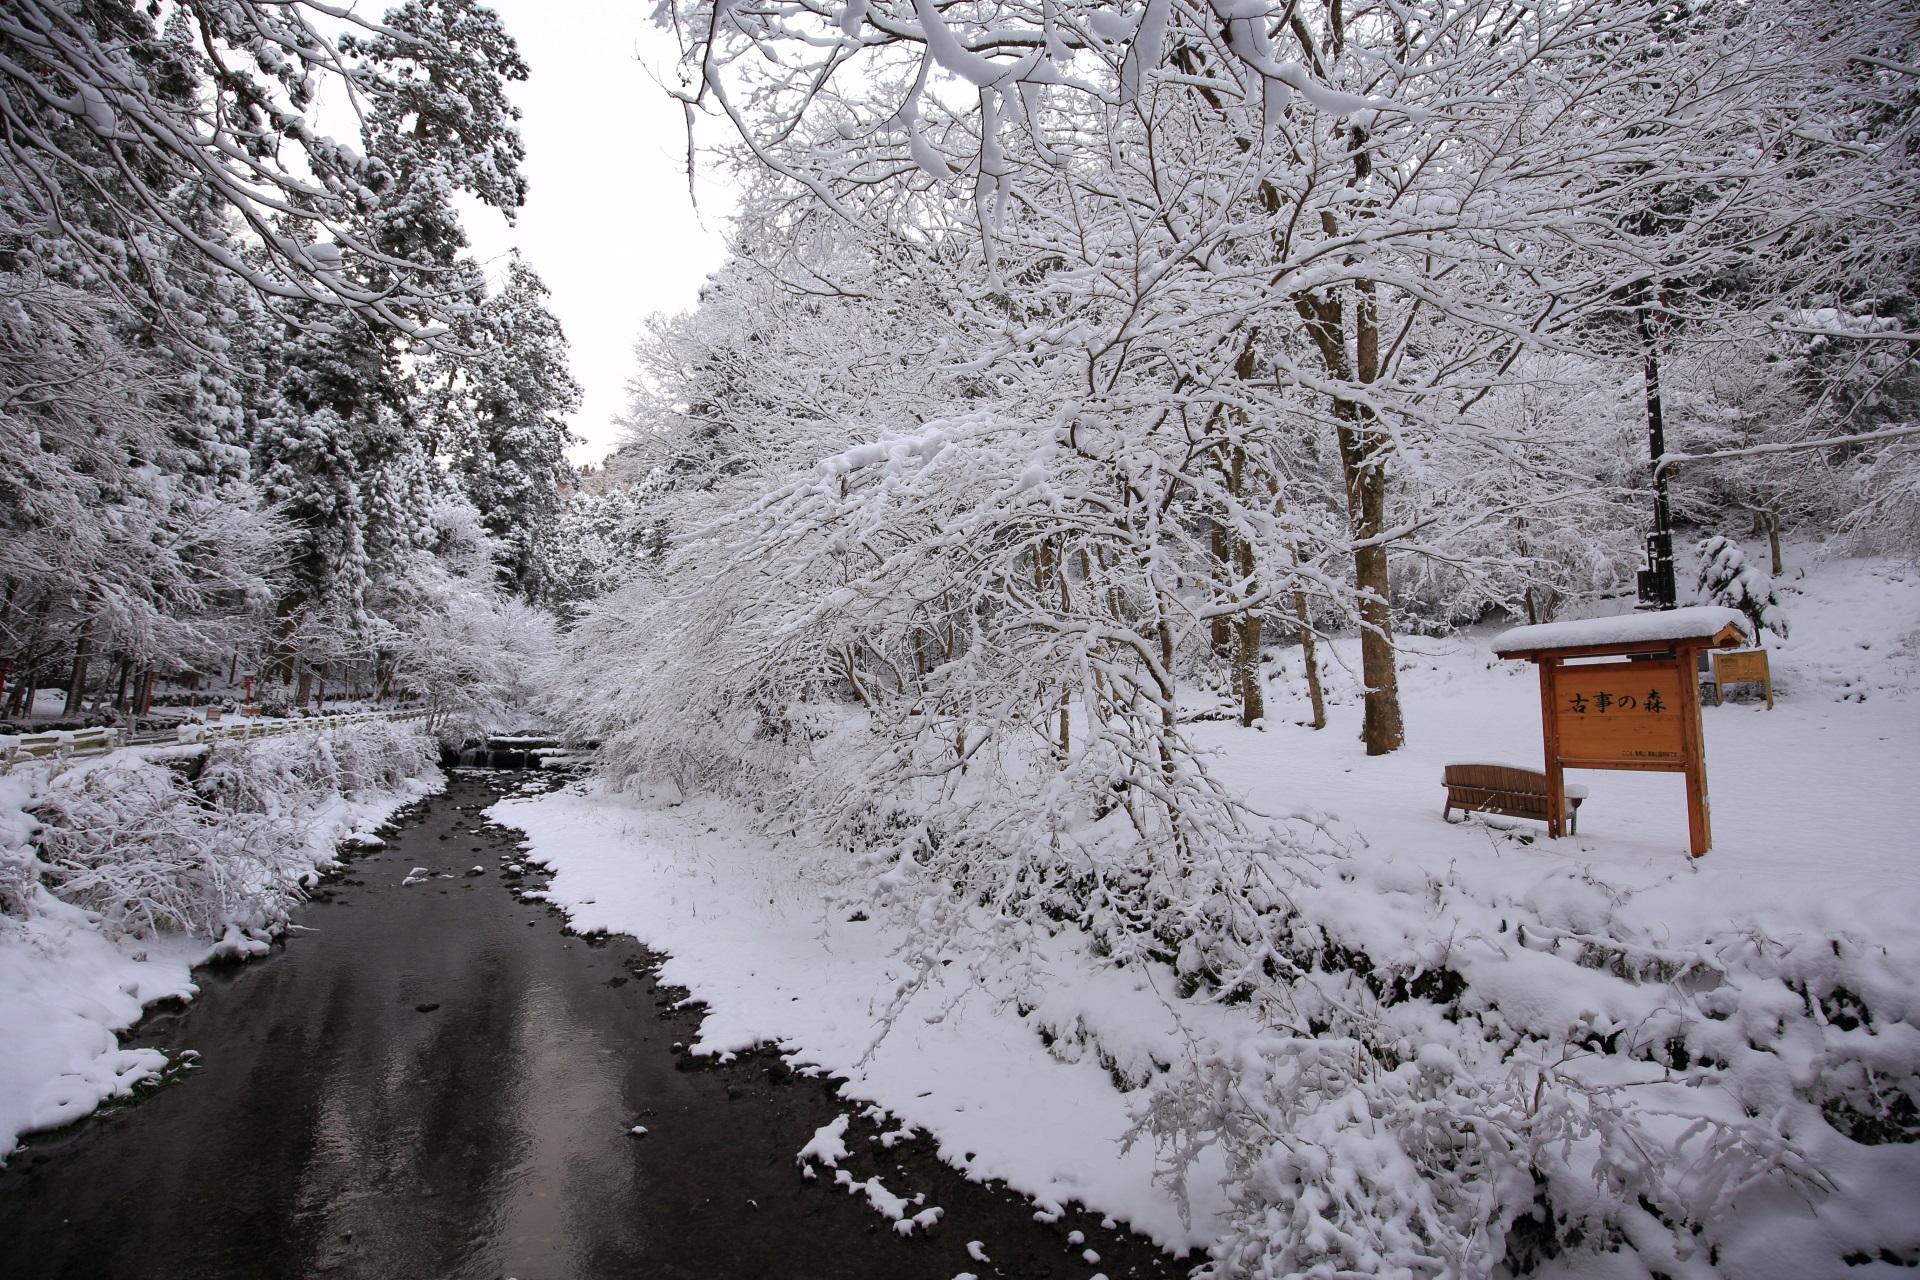 貴船川の素晴らしい雪景色と冬の情景